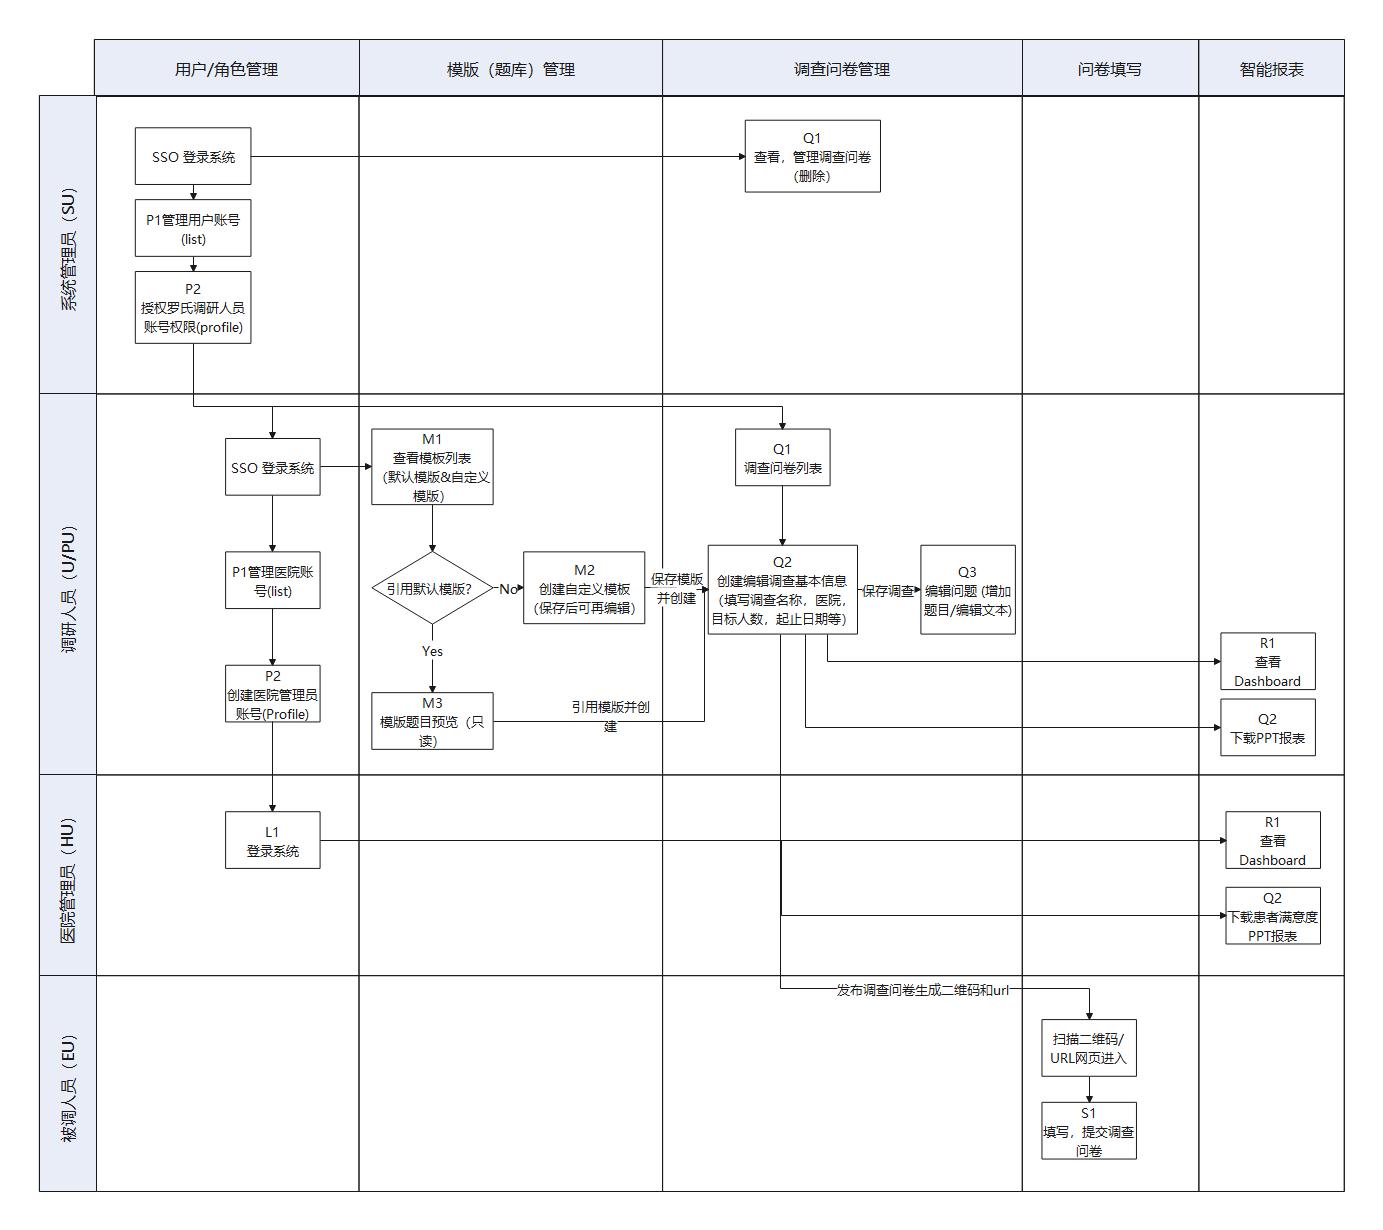 调查问卷系统流程图